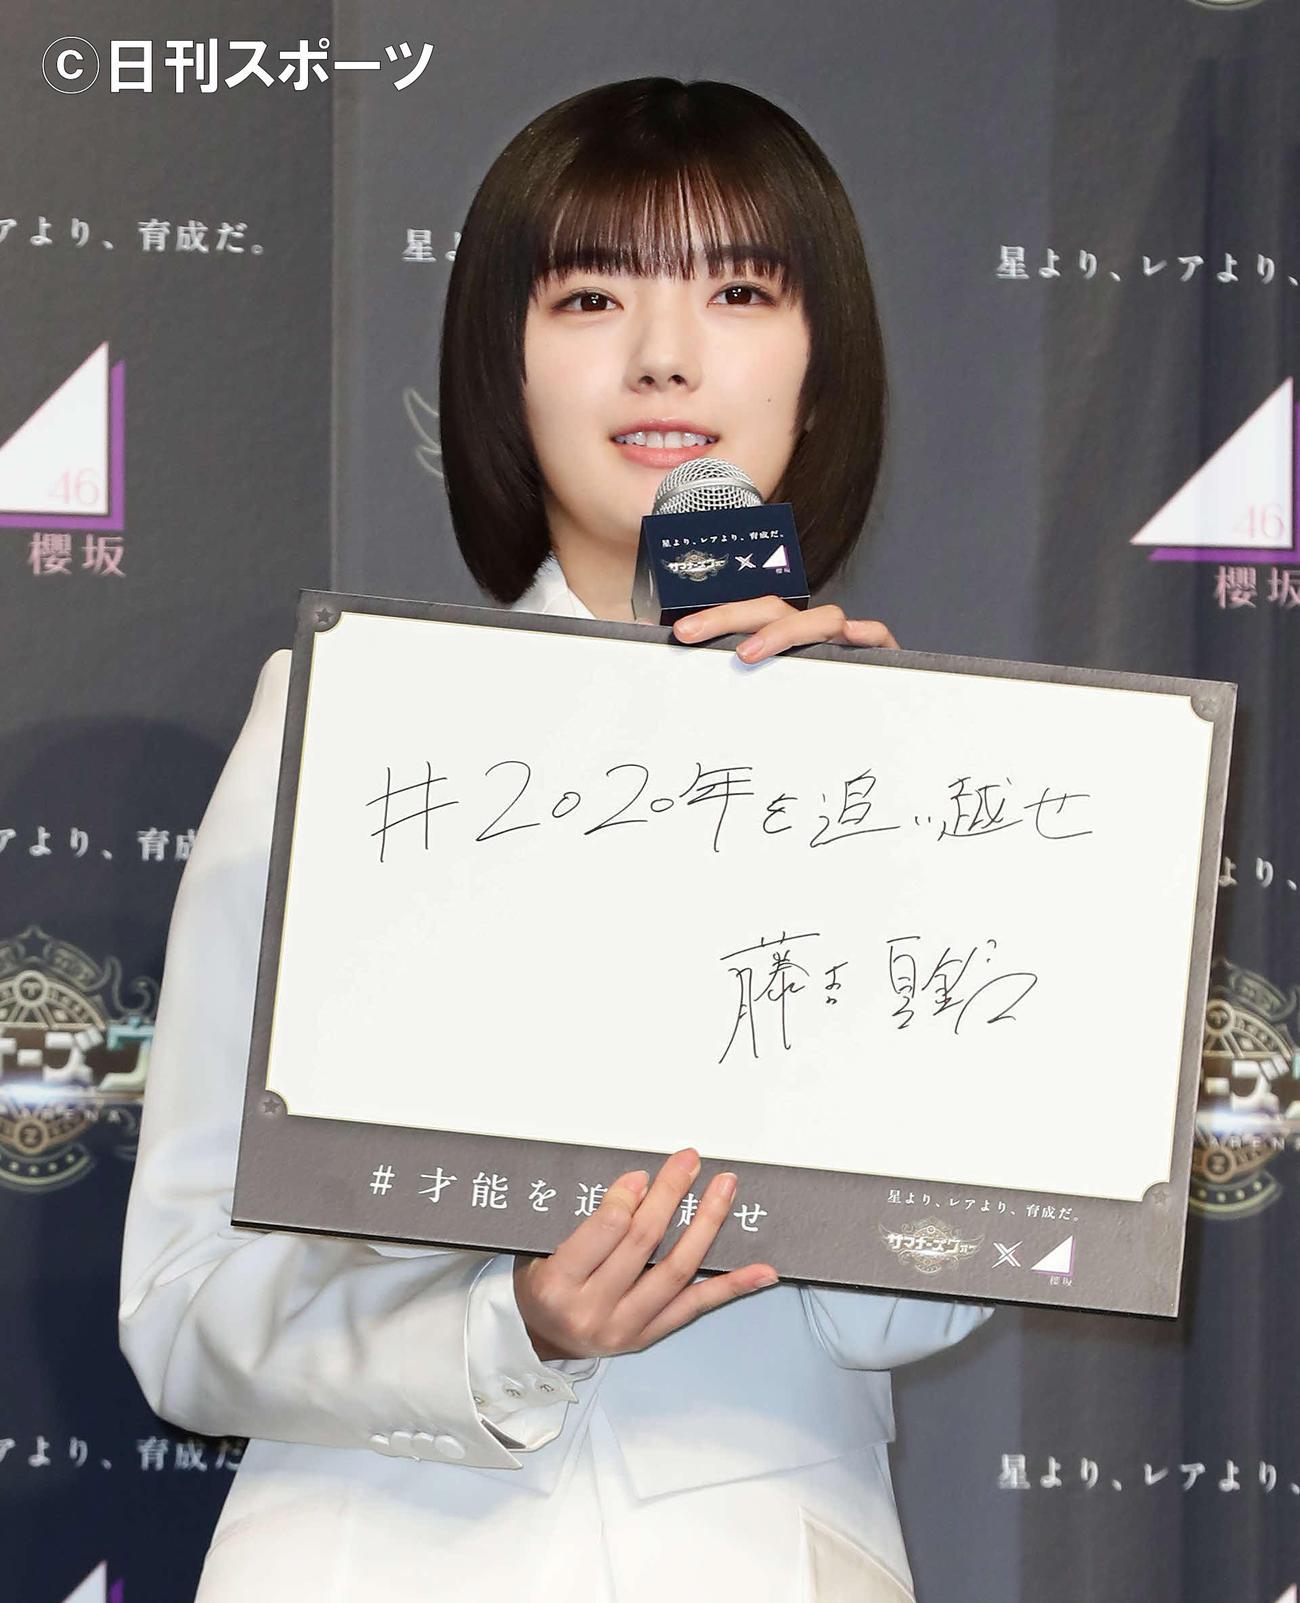 「サマナーズウォー×櫻坂46」7周年記念の公式アンバサダー任命式で「2020年を追い越せ」と記した藤吉夏鈴(撮影・丹羽敏通)